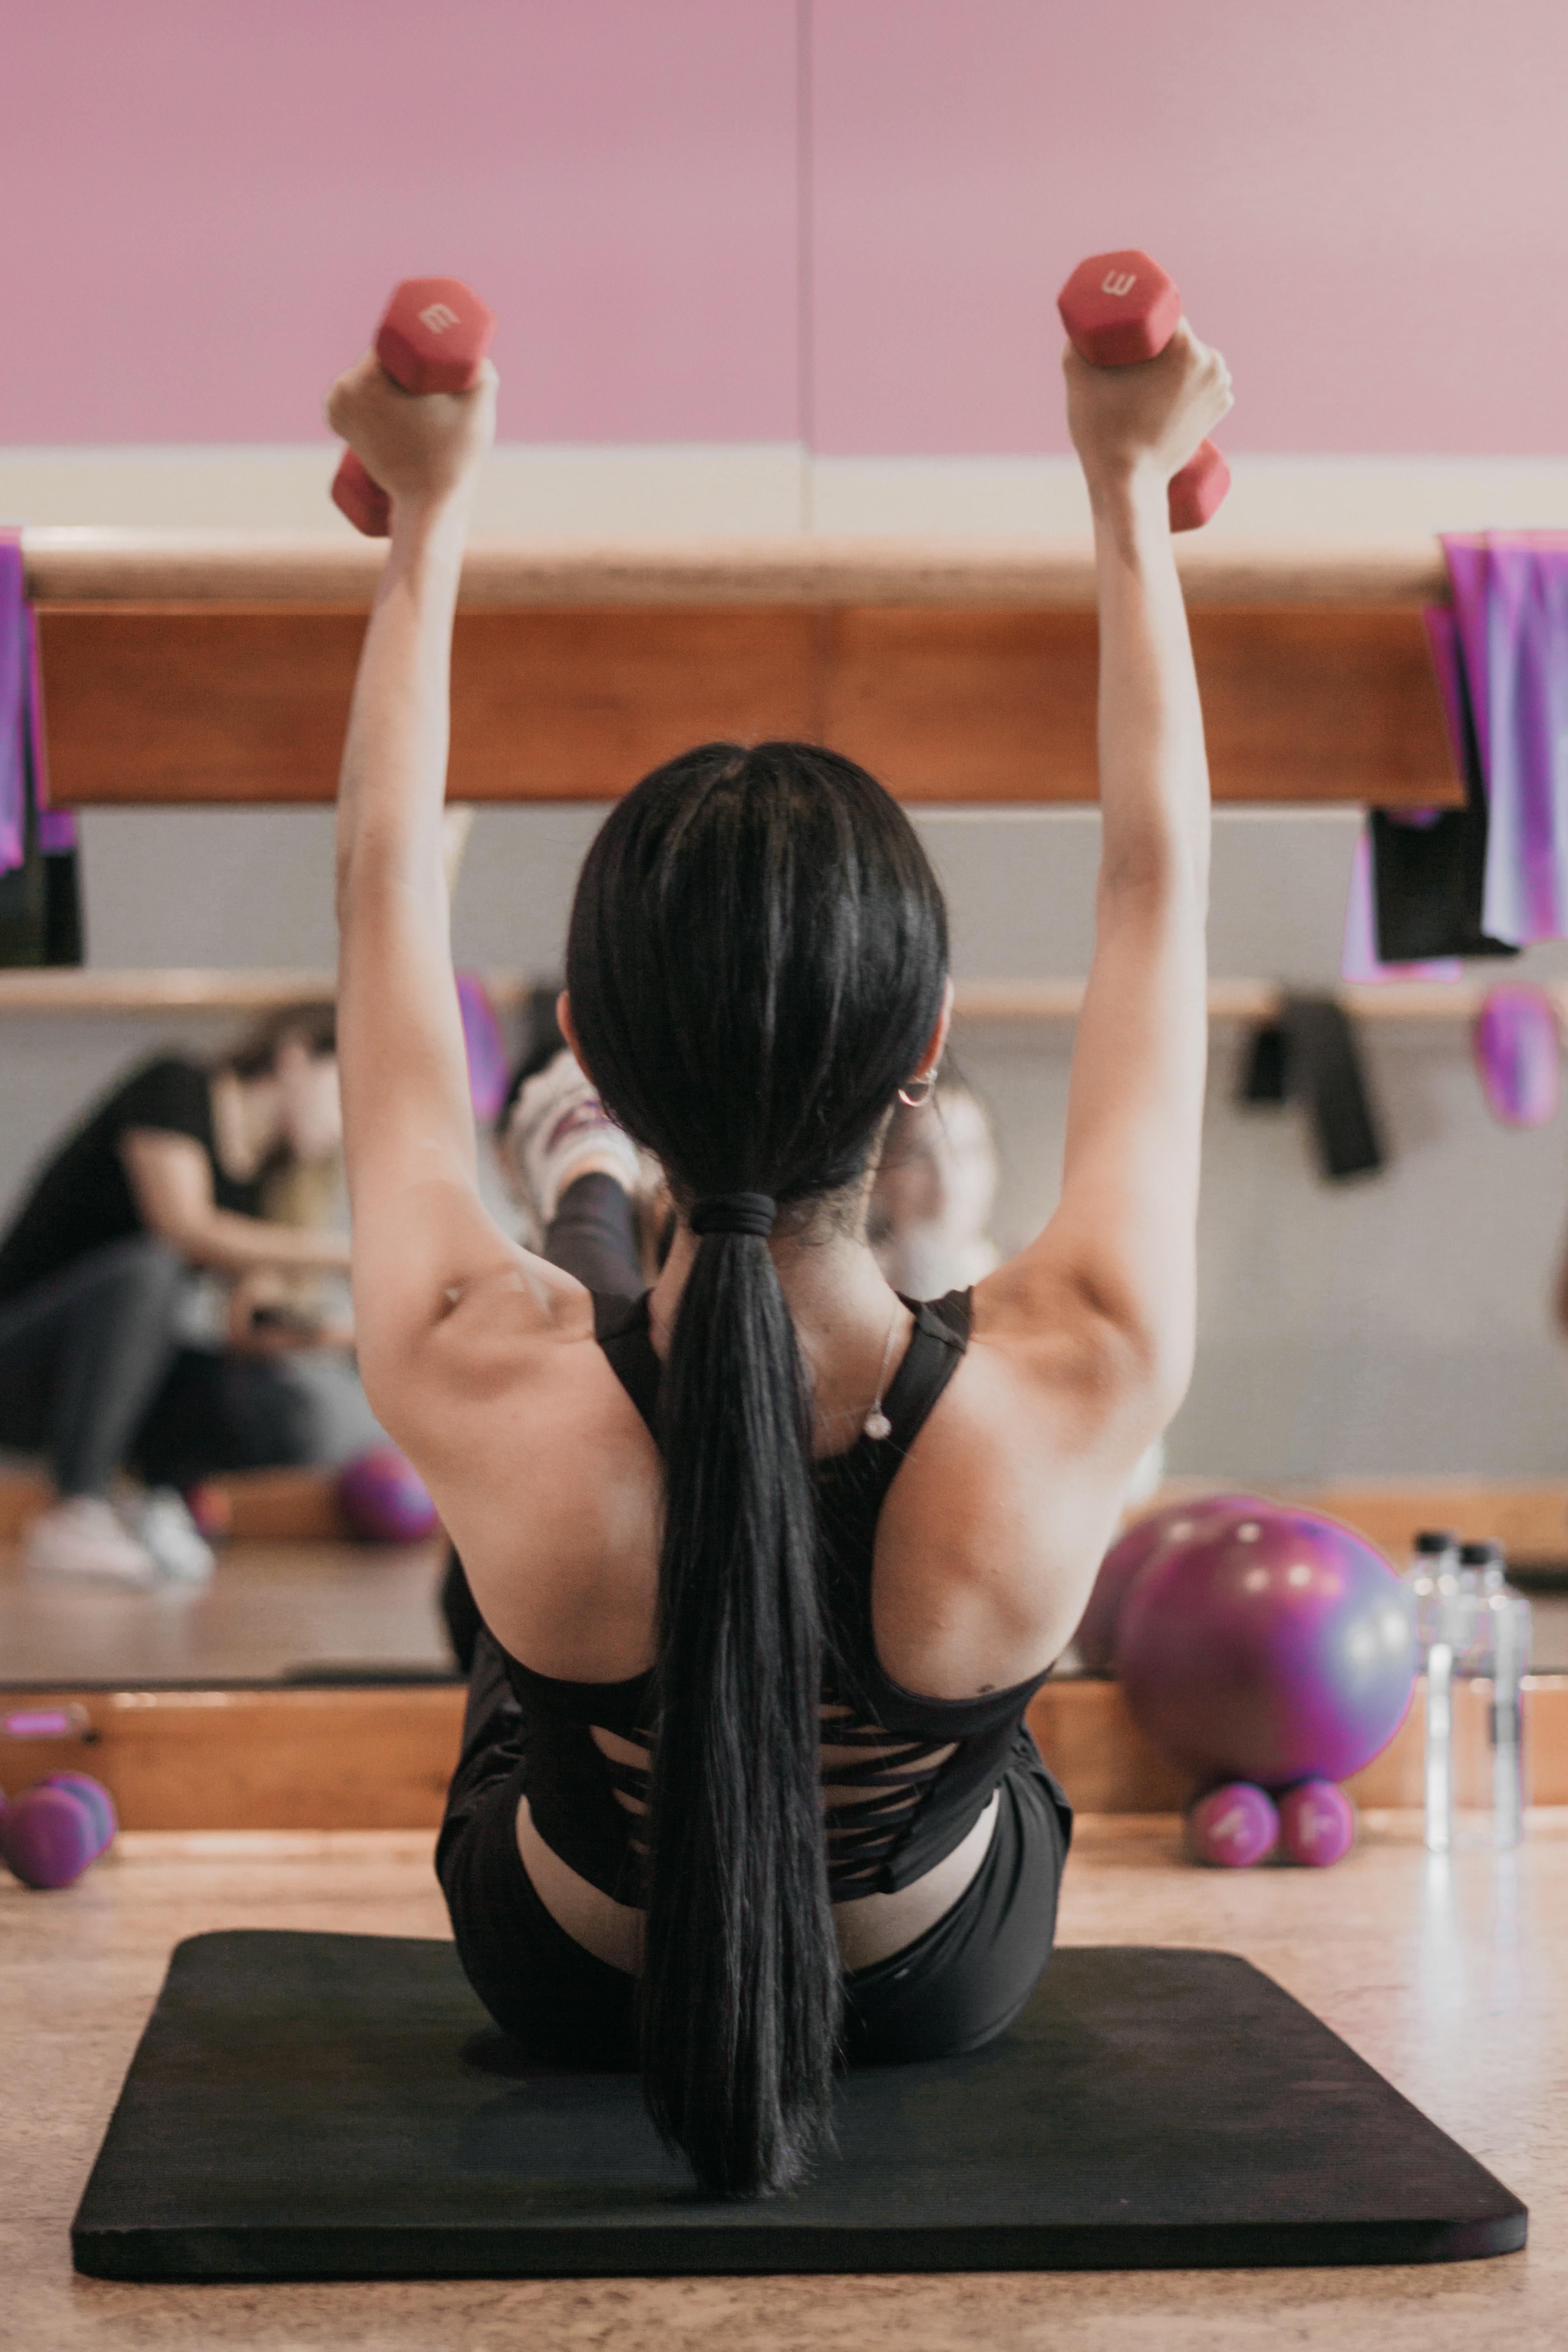 Публикация с тегами: Тренировки, Фитнес, Советы